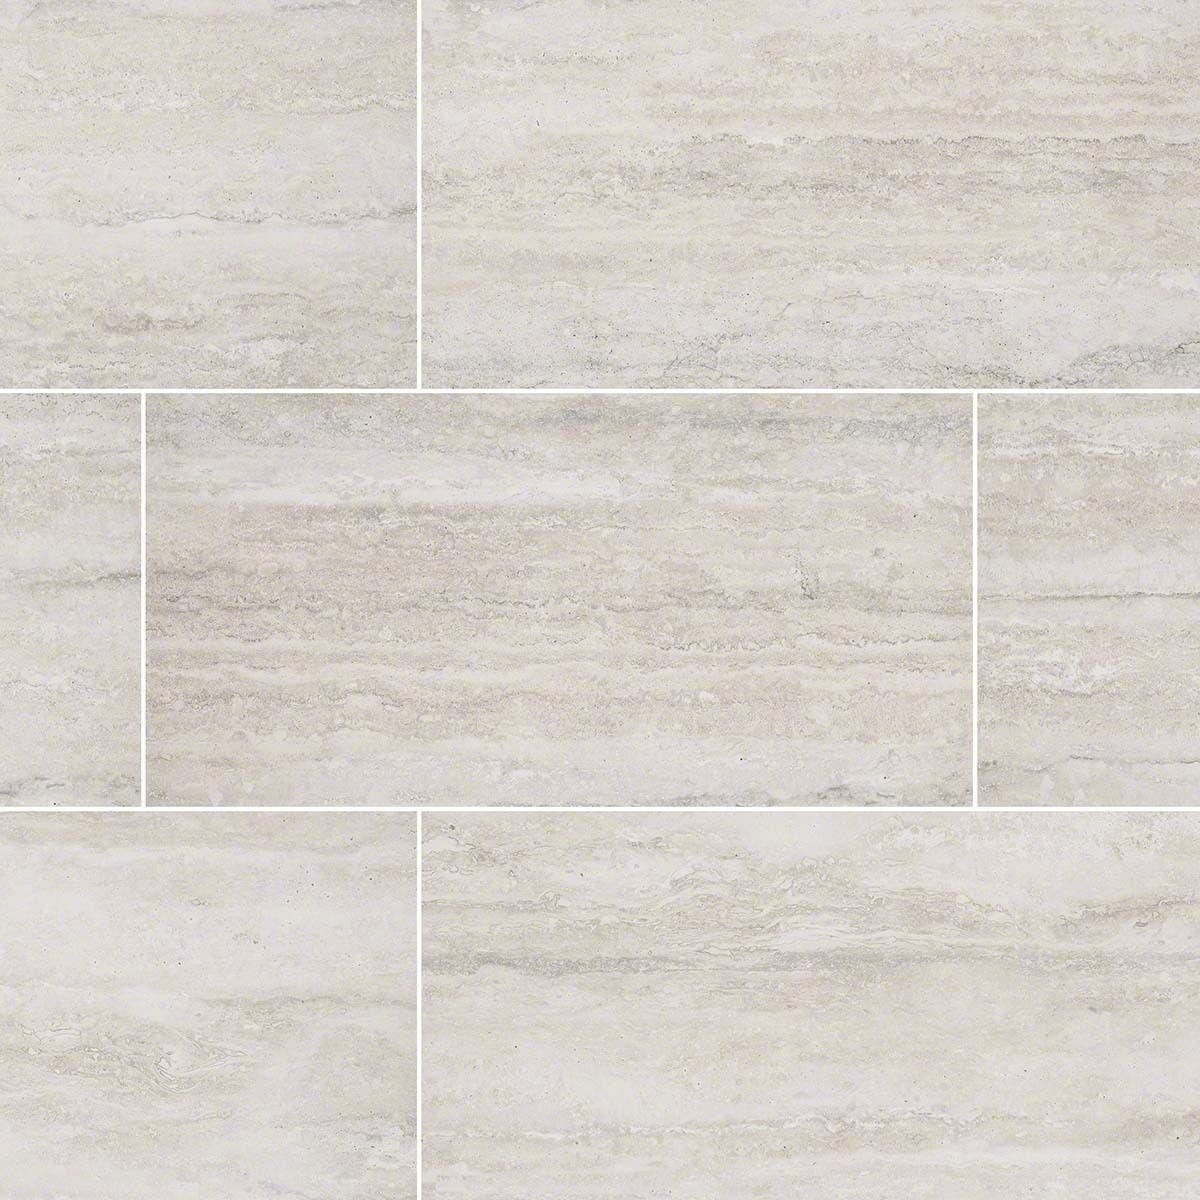 Veneto Collection - White Matte Porcelain 12x24 | Porcelain, 12x24 ...